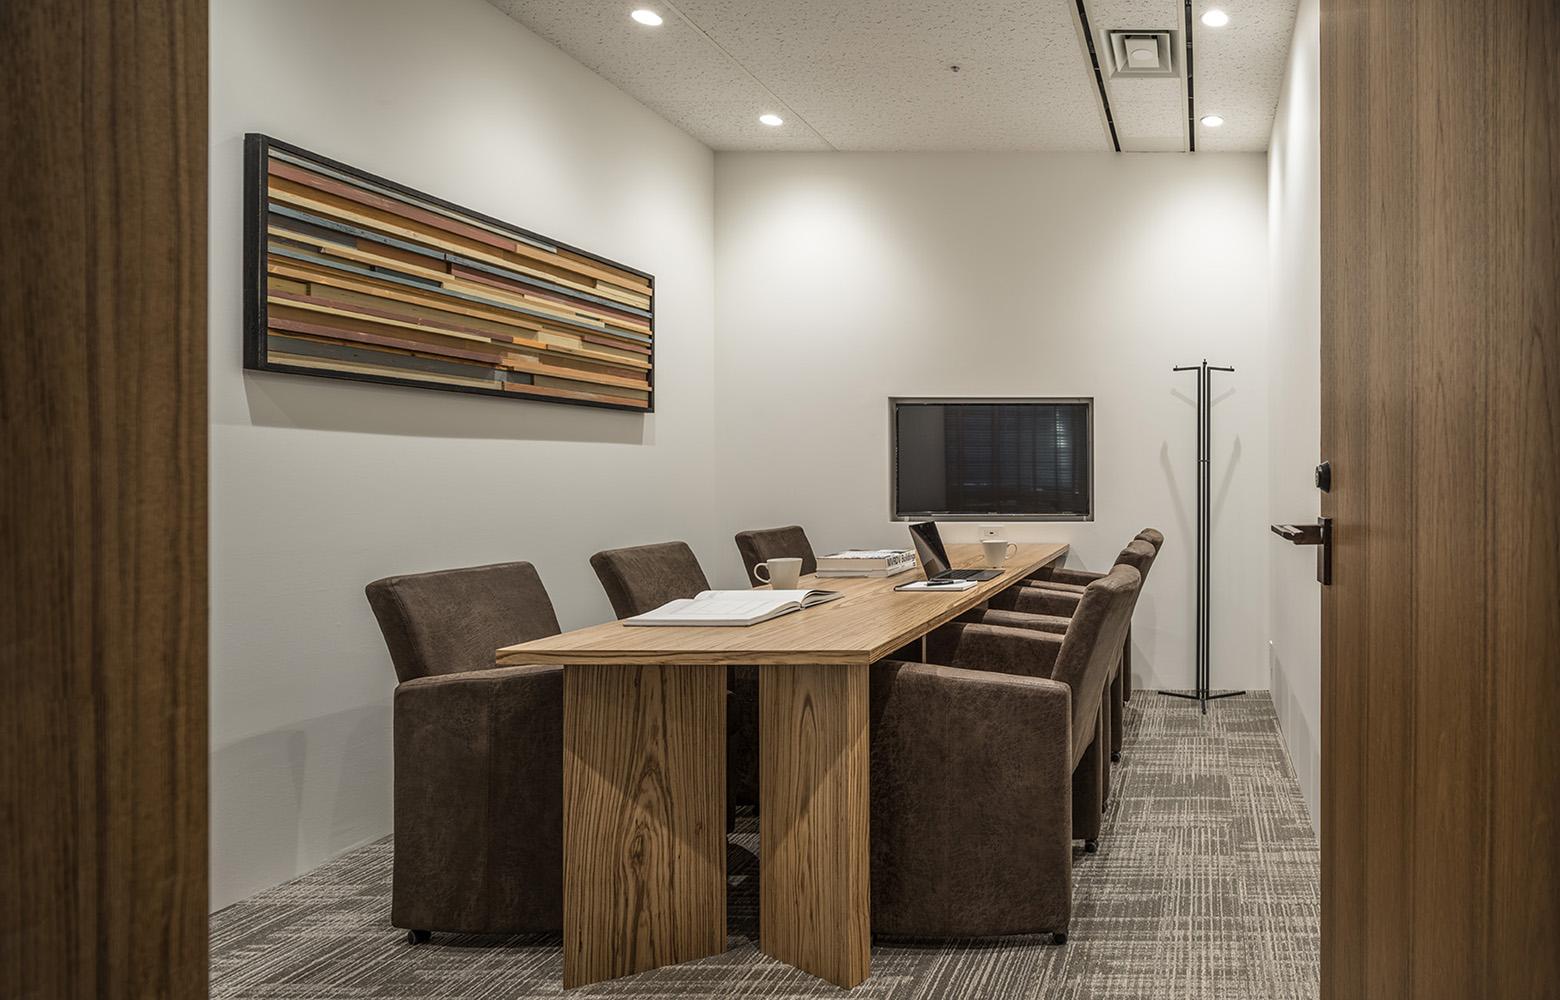 株式会社日本ワークス Meeting Room デザイン・レイアウト事例